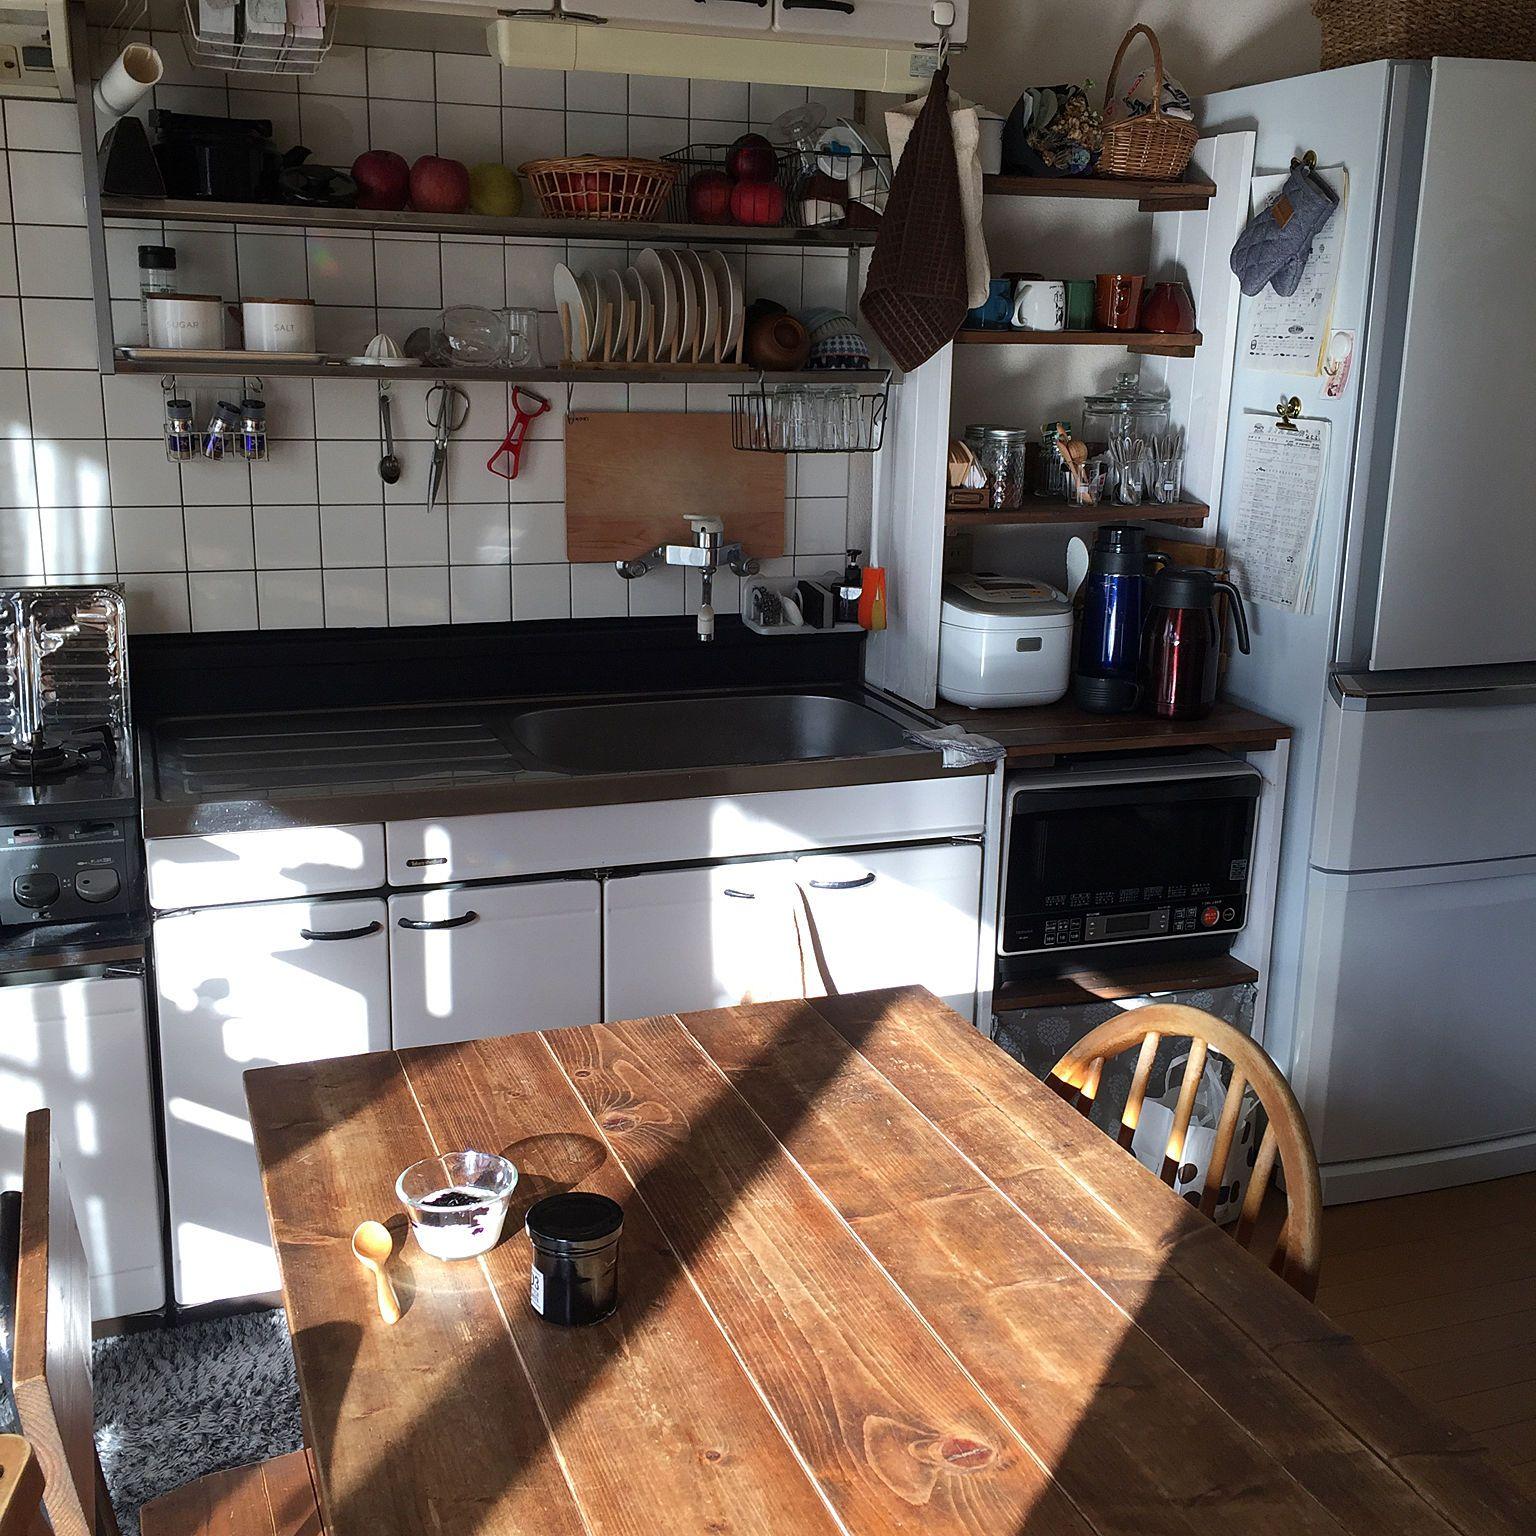 机 アパート暮らし 2dk 賃貸 賃貸暮らし 賃貸アパート などのインテリア実例 2017 11 17 09 06 30 Roomclip ルームクリップ キッチンレイアウト インテリア キッチンデザイン